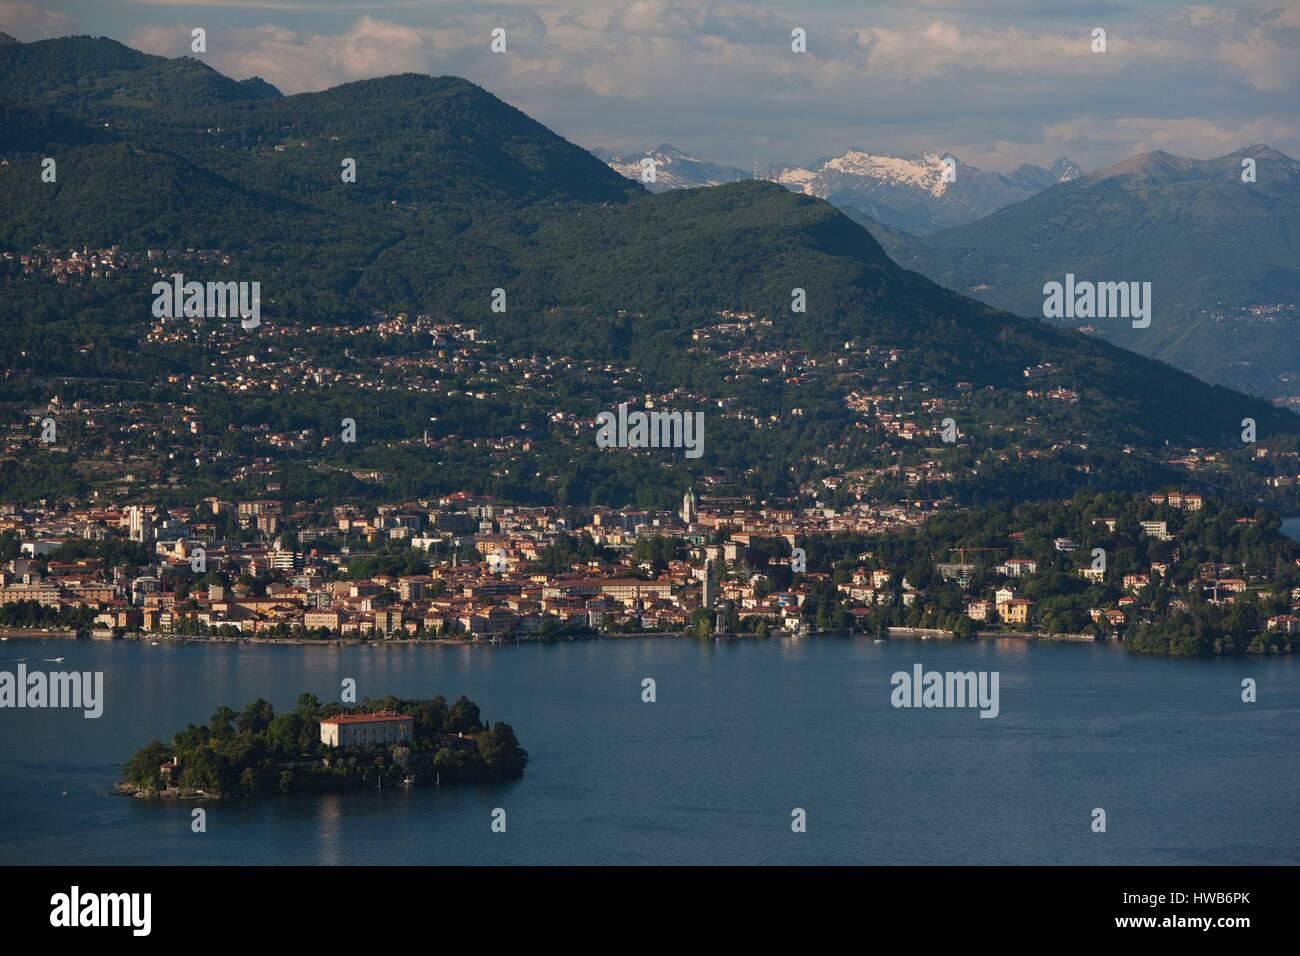 Verbania Lago Maggiore Karte.Italien Piemont Lago Maggiore Stresa Borromäischen Inseln Isola